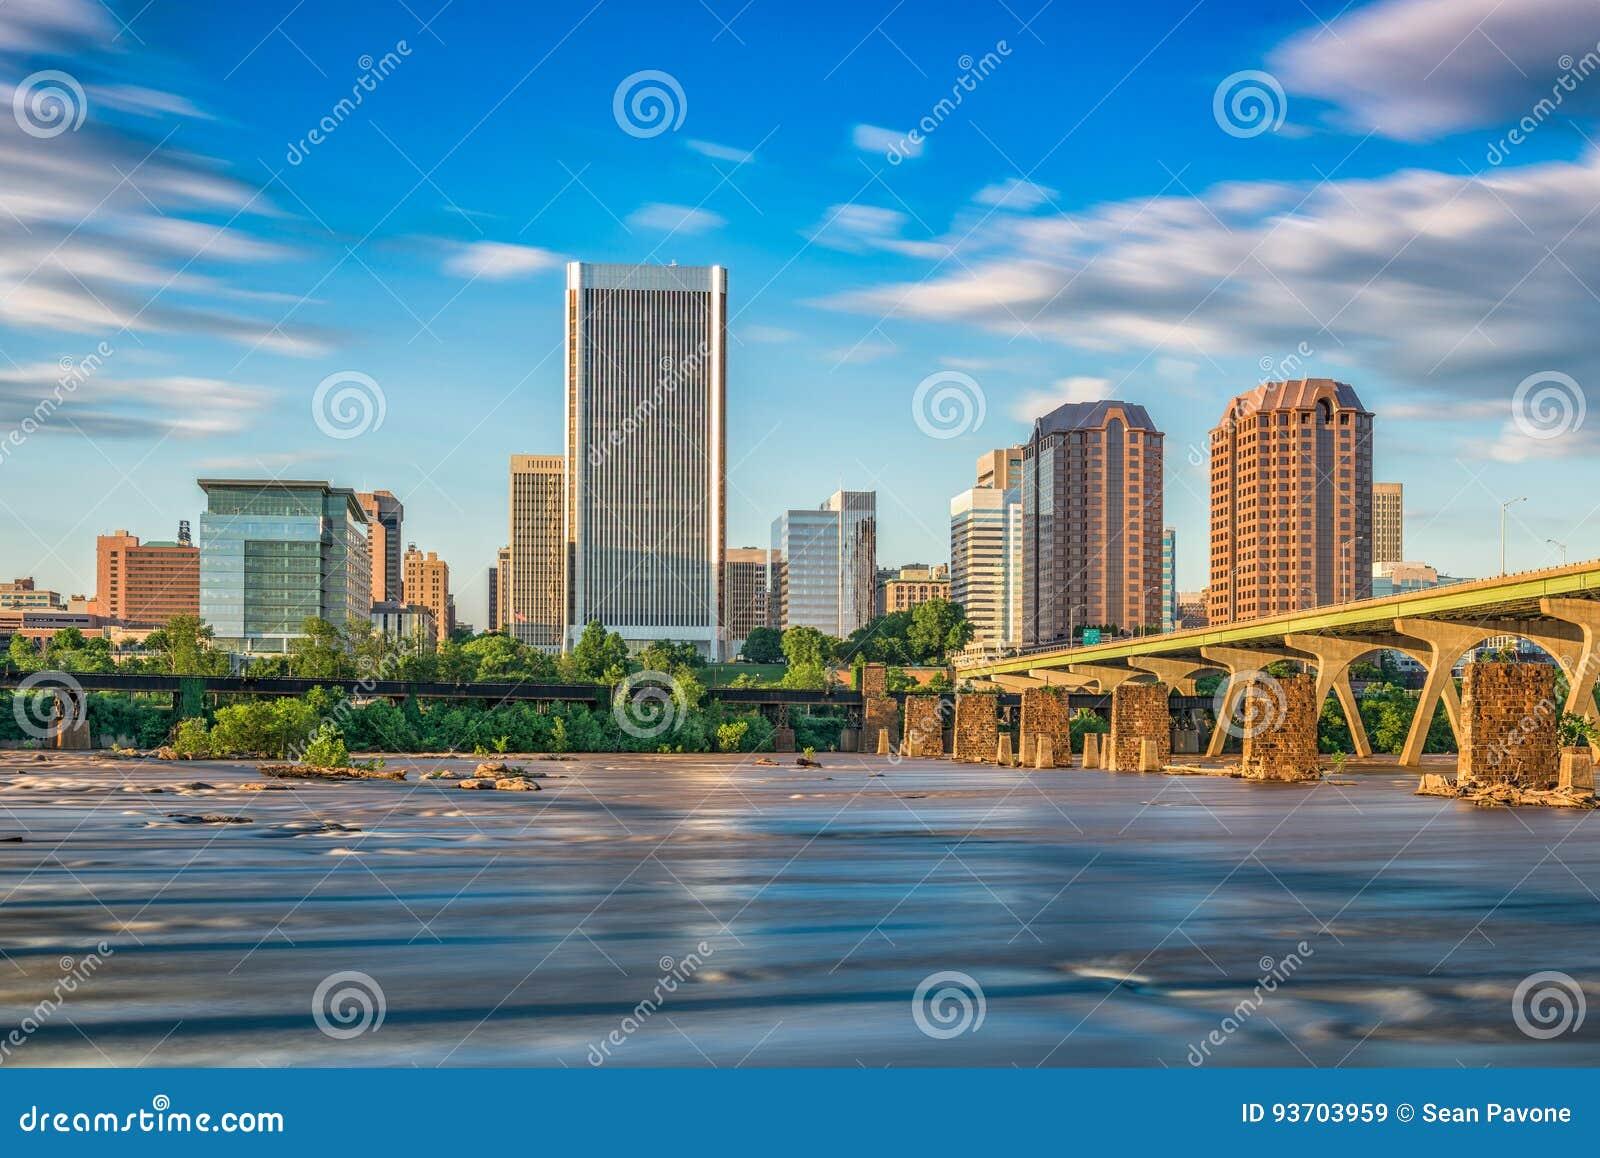 Ορίζοντας ποταμών του Ρίτσμοντ, Βιρτζίνια